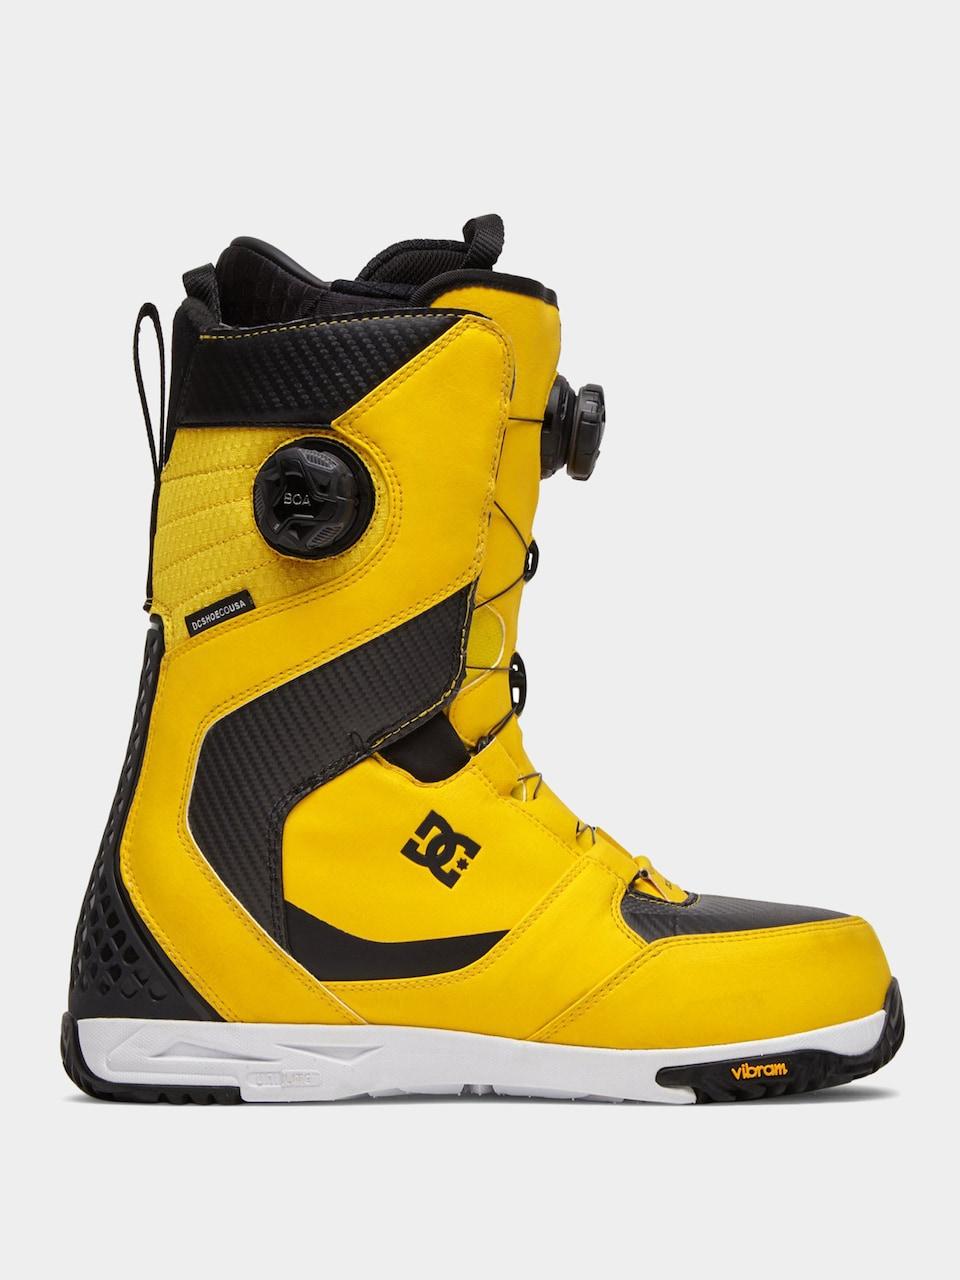 Snowboard Boots Dc Super Shop